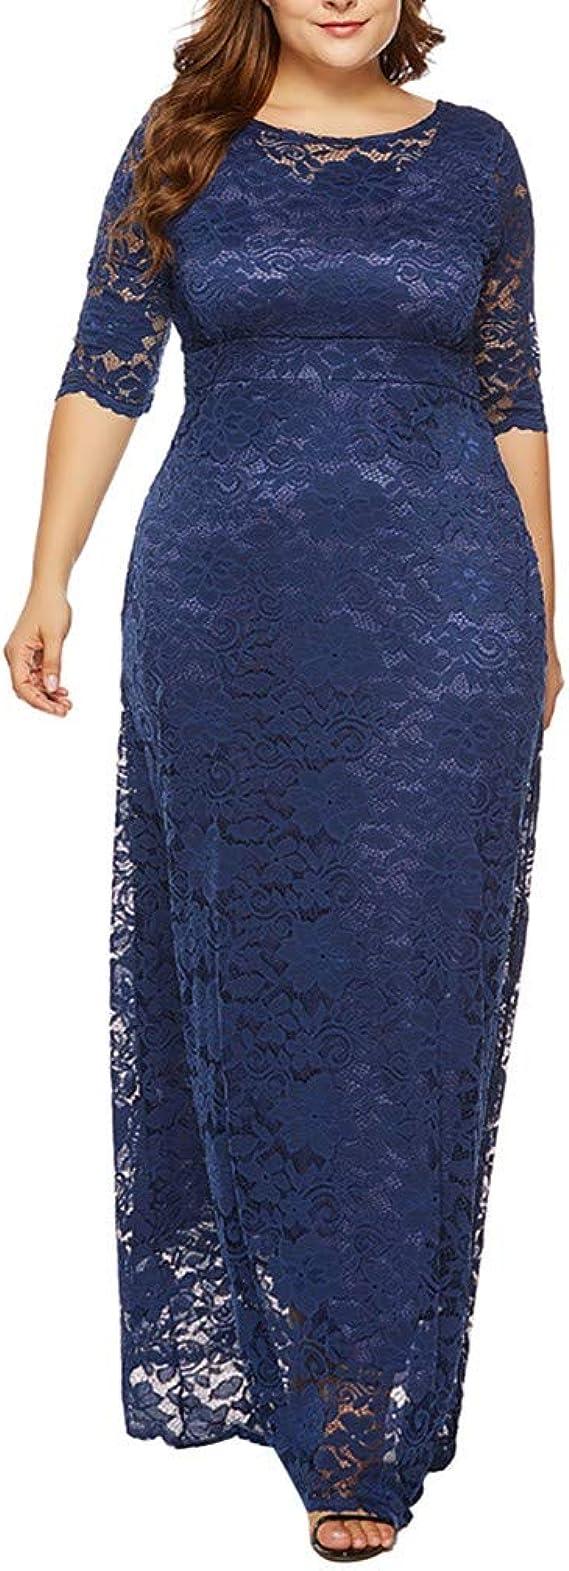 Damen Elegant Spitzenkleid Übergröße,Damen Vintage 10er Swing